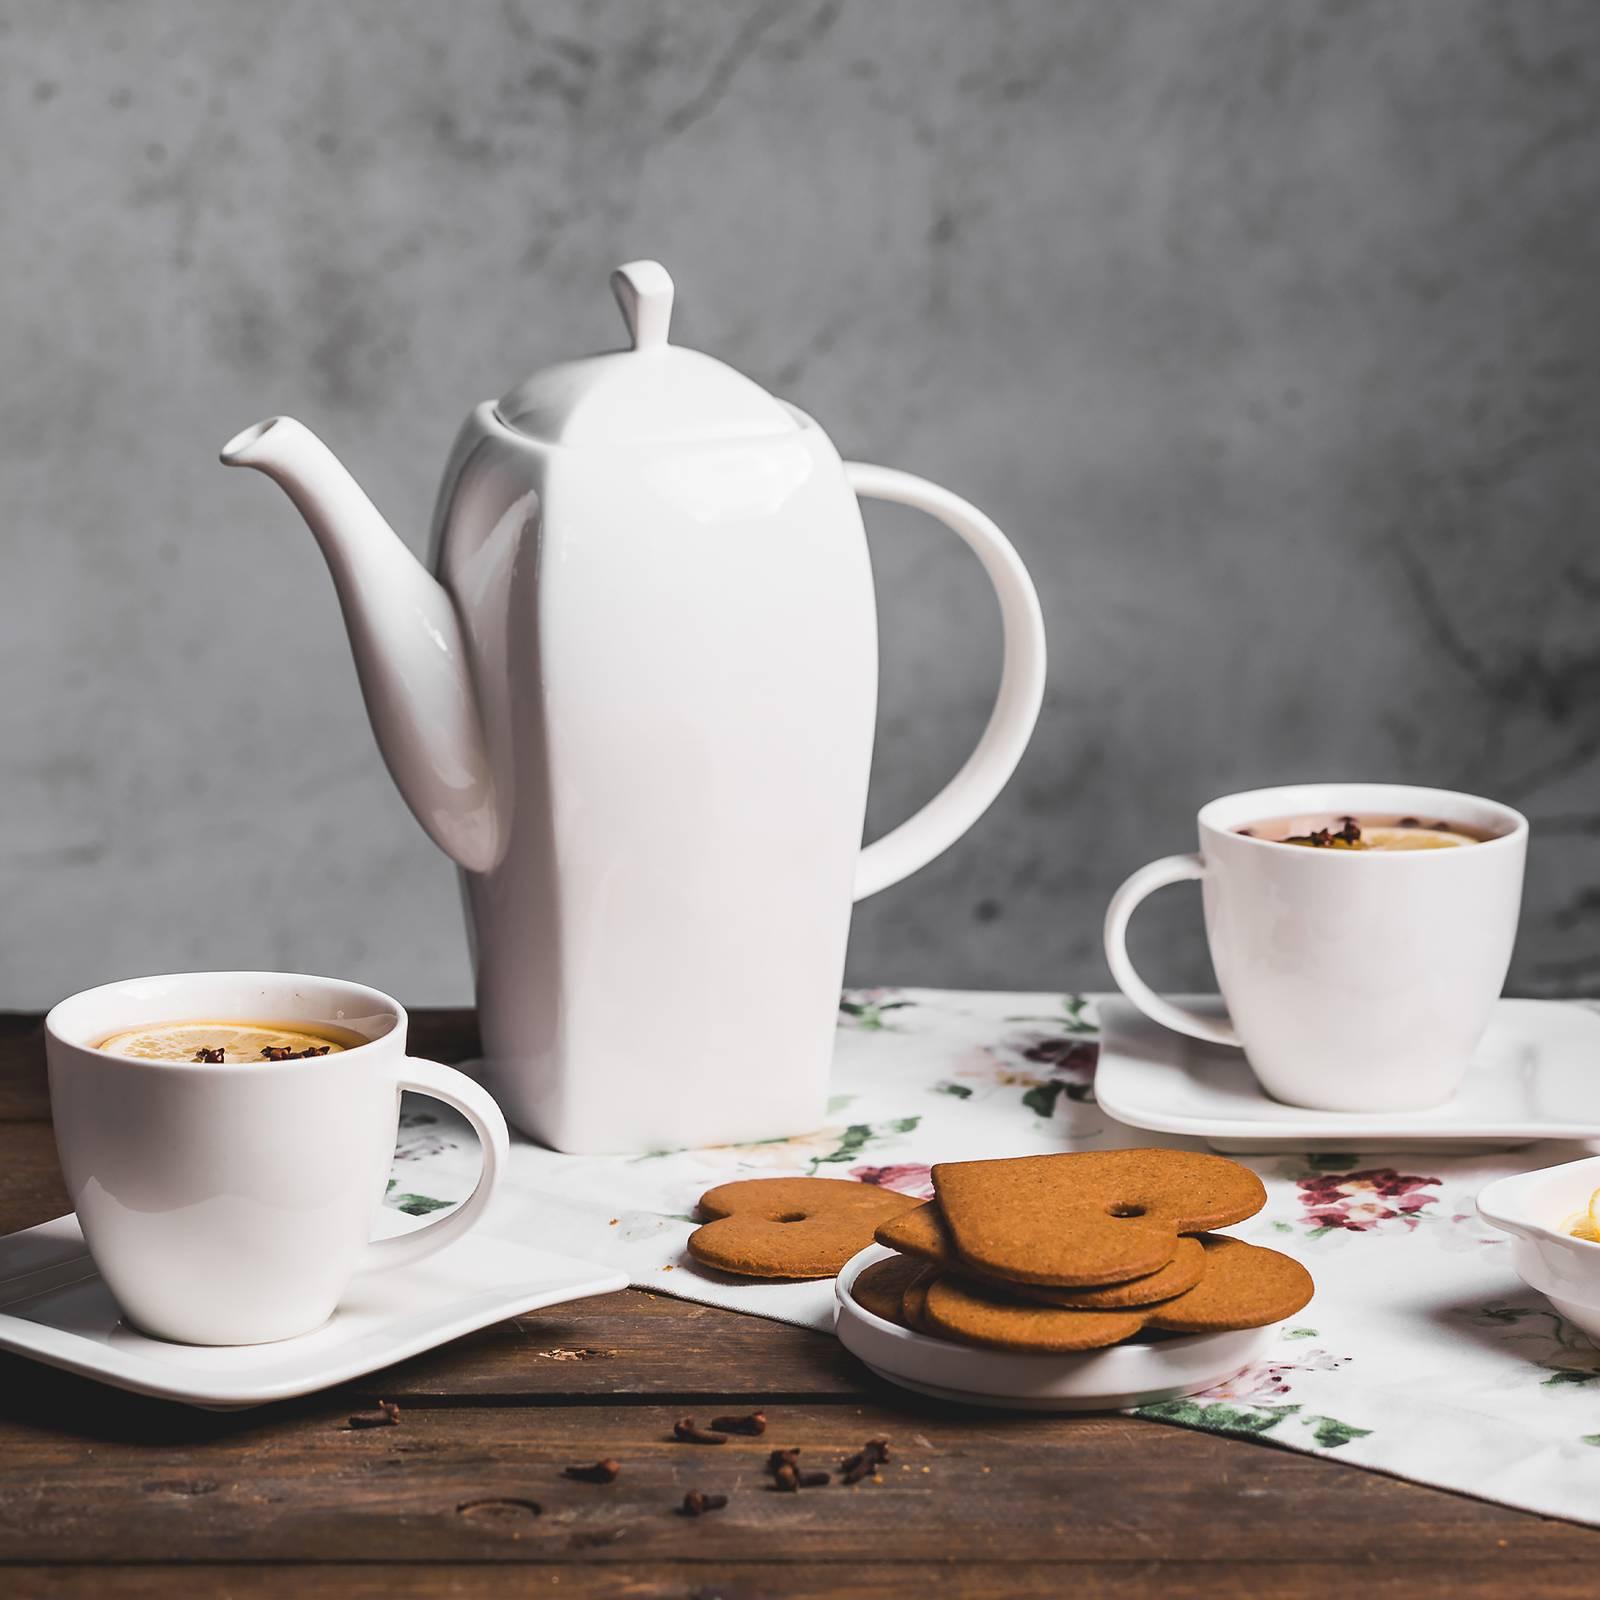 Kaffee-Set Welle 23 Tlg. AMBITION